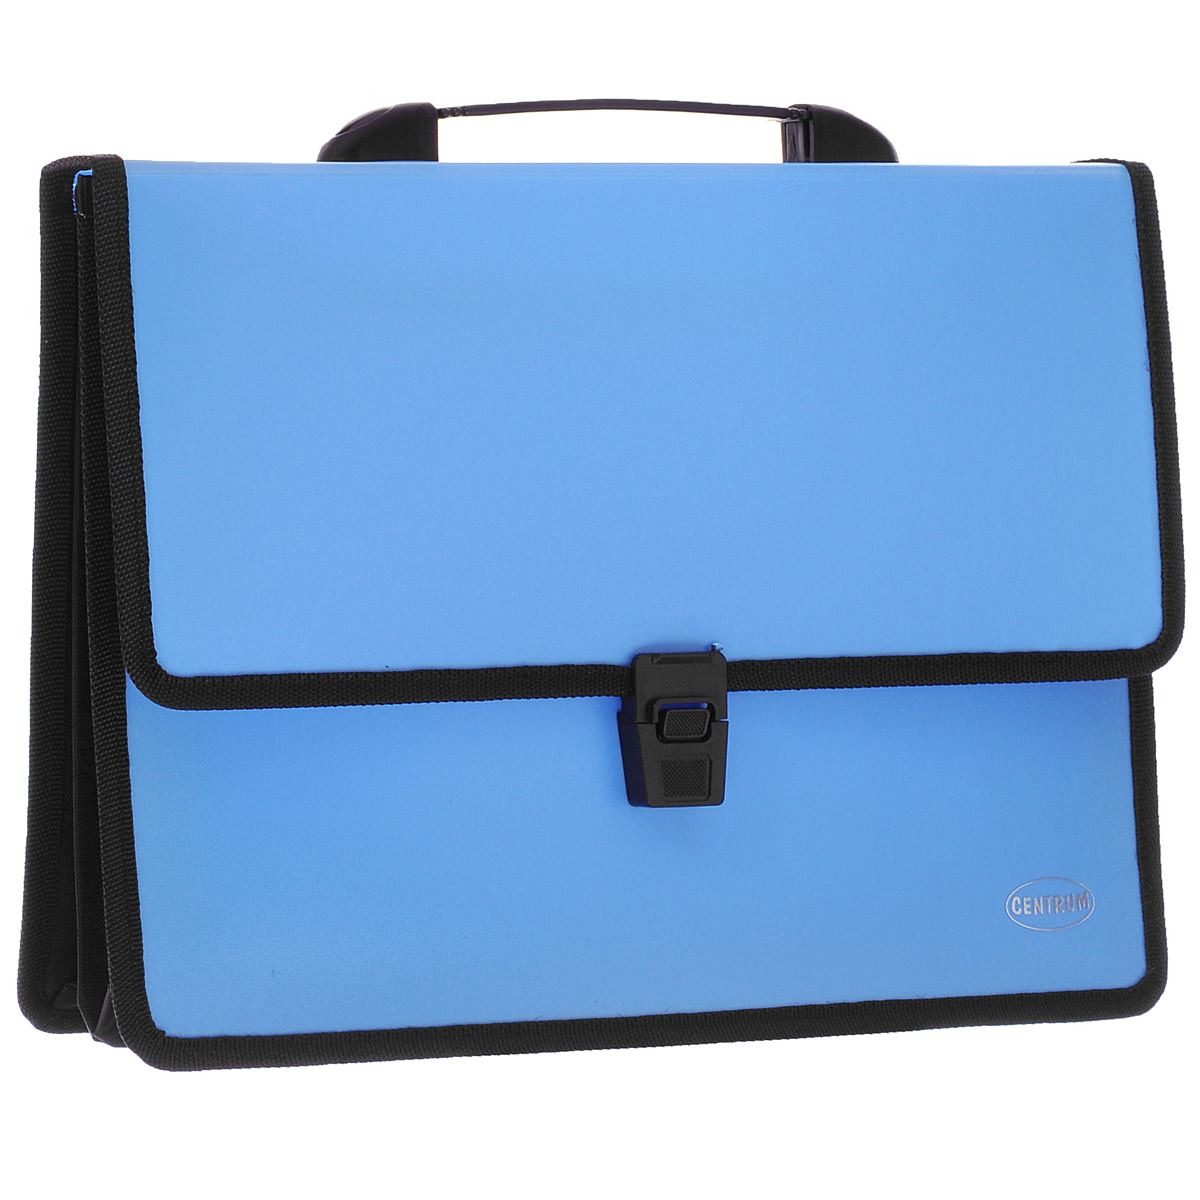 Папка-портфель Centrum, 2 отделения, с ручкой, цвет: голубой80610СПапка-портфель Centrum станет вашим верным помощником дома и в офисе. Это удобный и функциональный инструмент, предназначенный для хранения и транспортировки больших объемов рабочих бумаг и документов формата А4.Папка изготовлена из износостойкого высококачественного пластика толщиной 0,70 мм, и закрывается на широкий клапан с замком. Состоит из 2 вместительных отделений. Грани папки отделаны полиэстером, а уголки закруглены для обеспечения дополнительной прочности и сохранности опрятного вида папки. Папка имеет удобную ручку для переноски.Папка - это незаменимый атрибут для любого студента, школьника или офисного работника. Такая папка надежно сохранит ваши бумаги и сбережет их от повреждений, пыли и влаги.